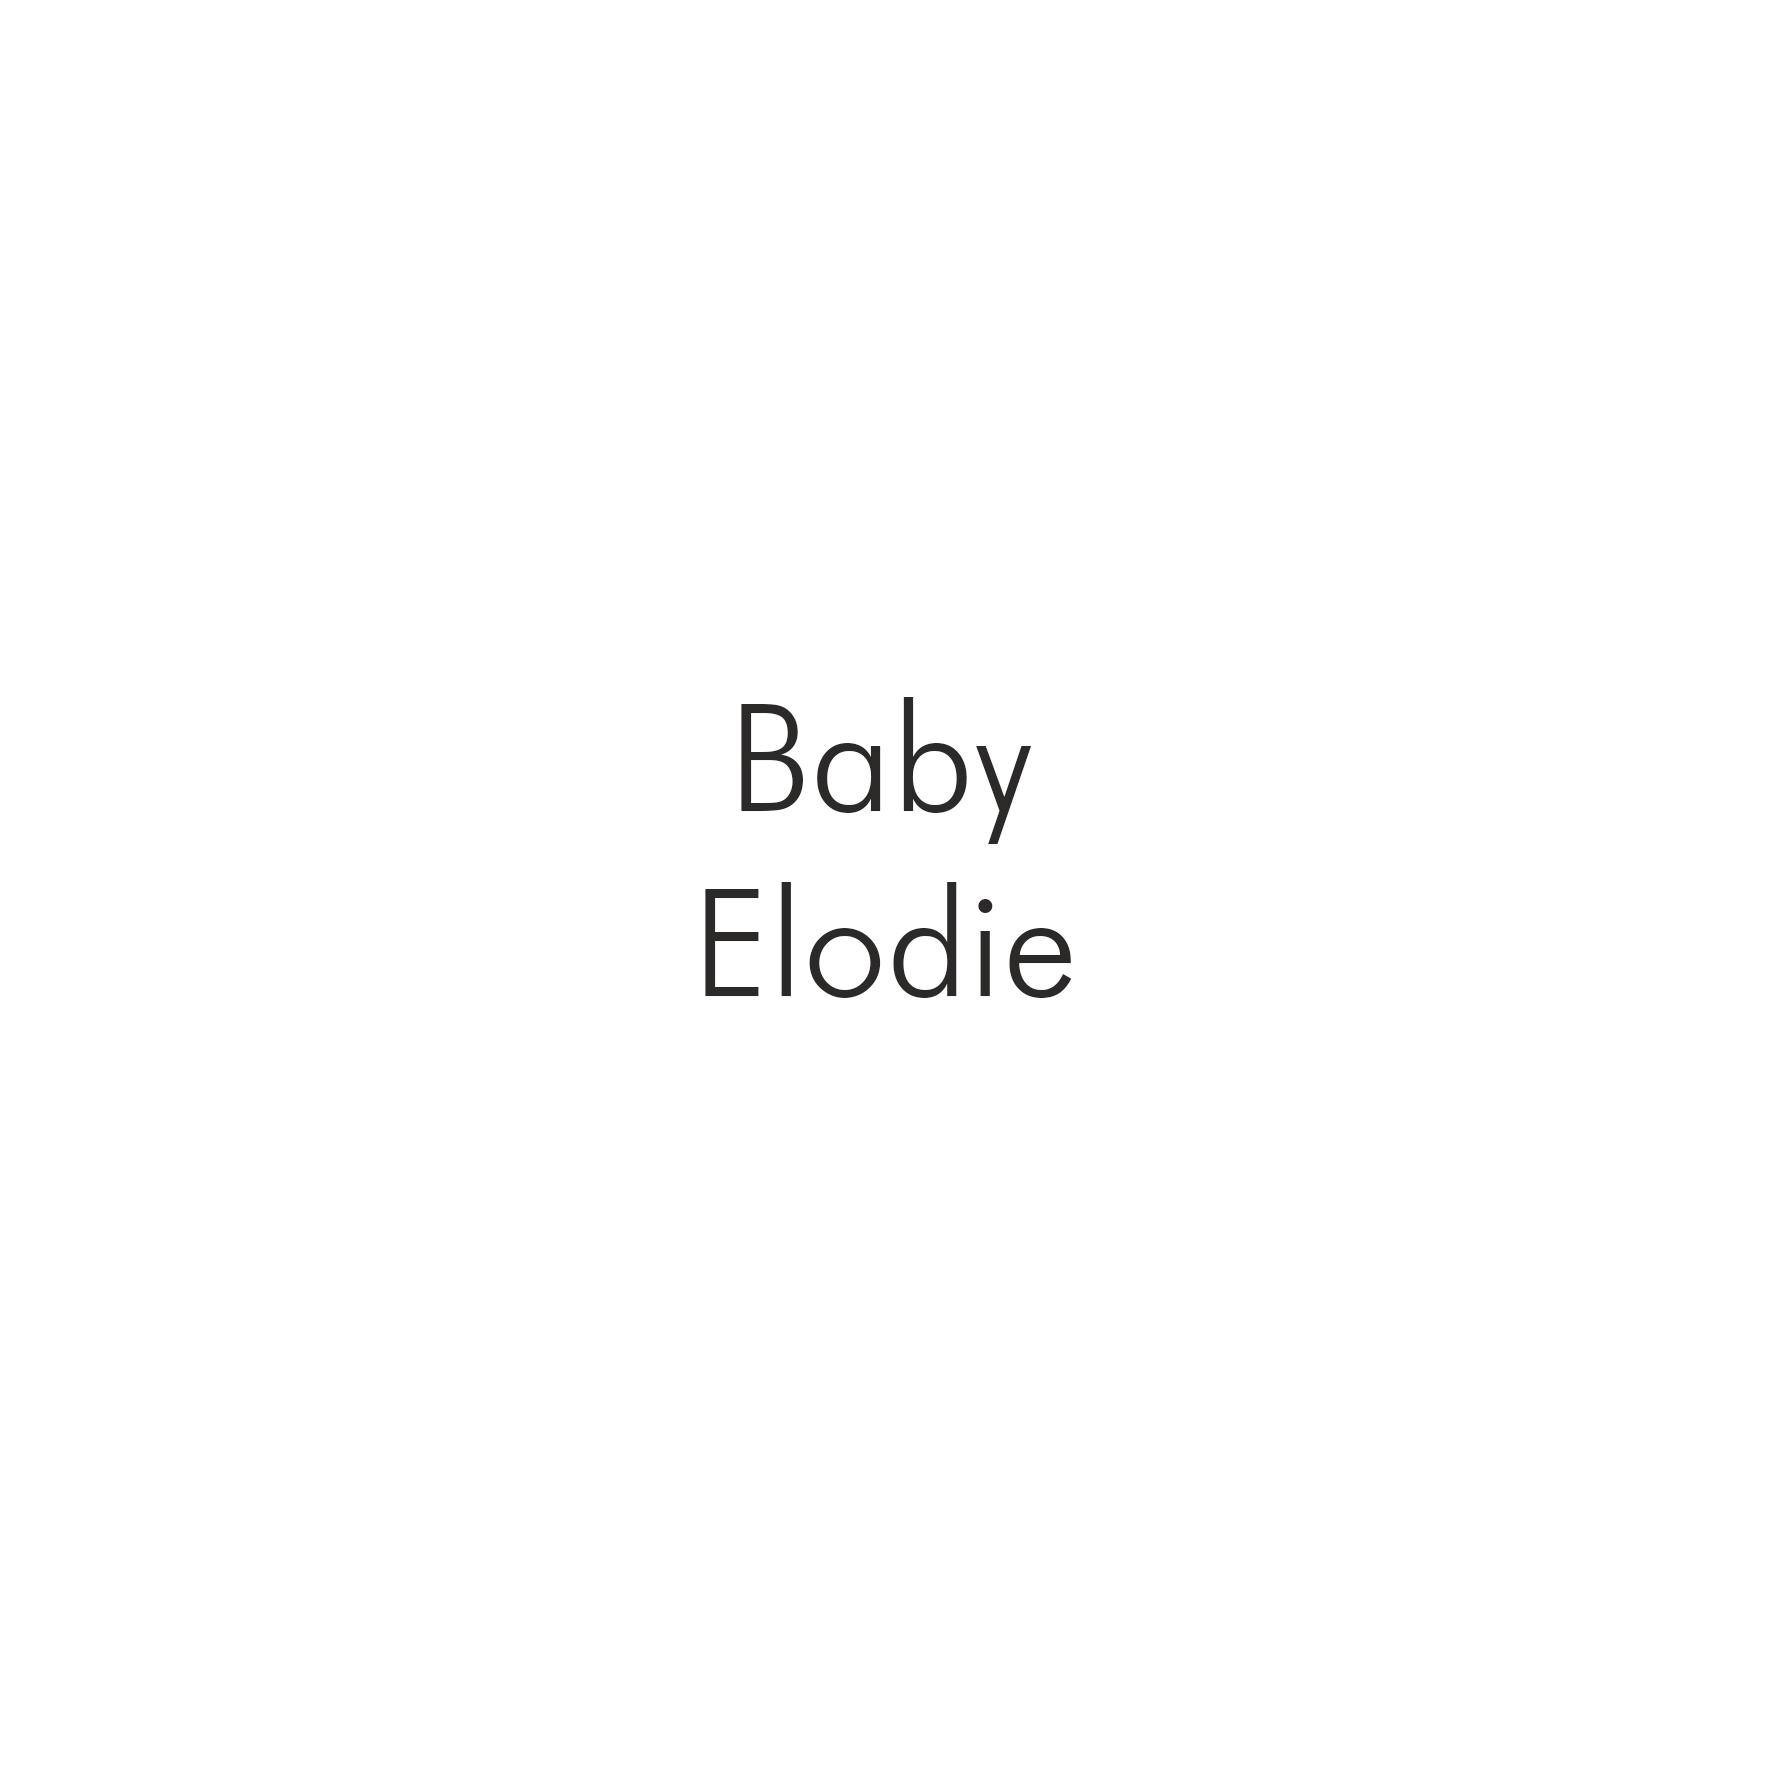 Baby Elodie.png